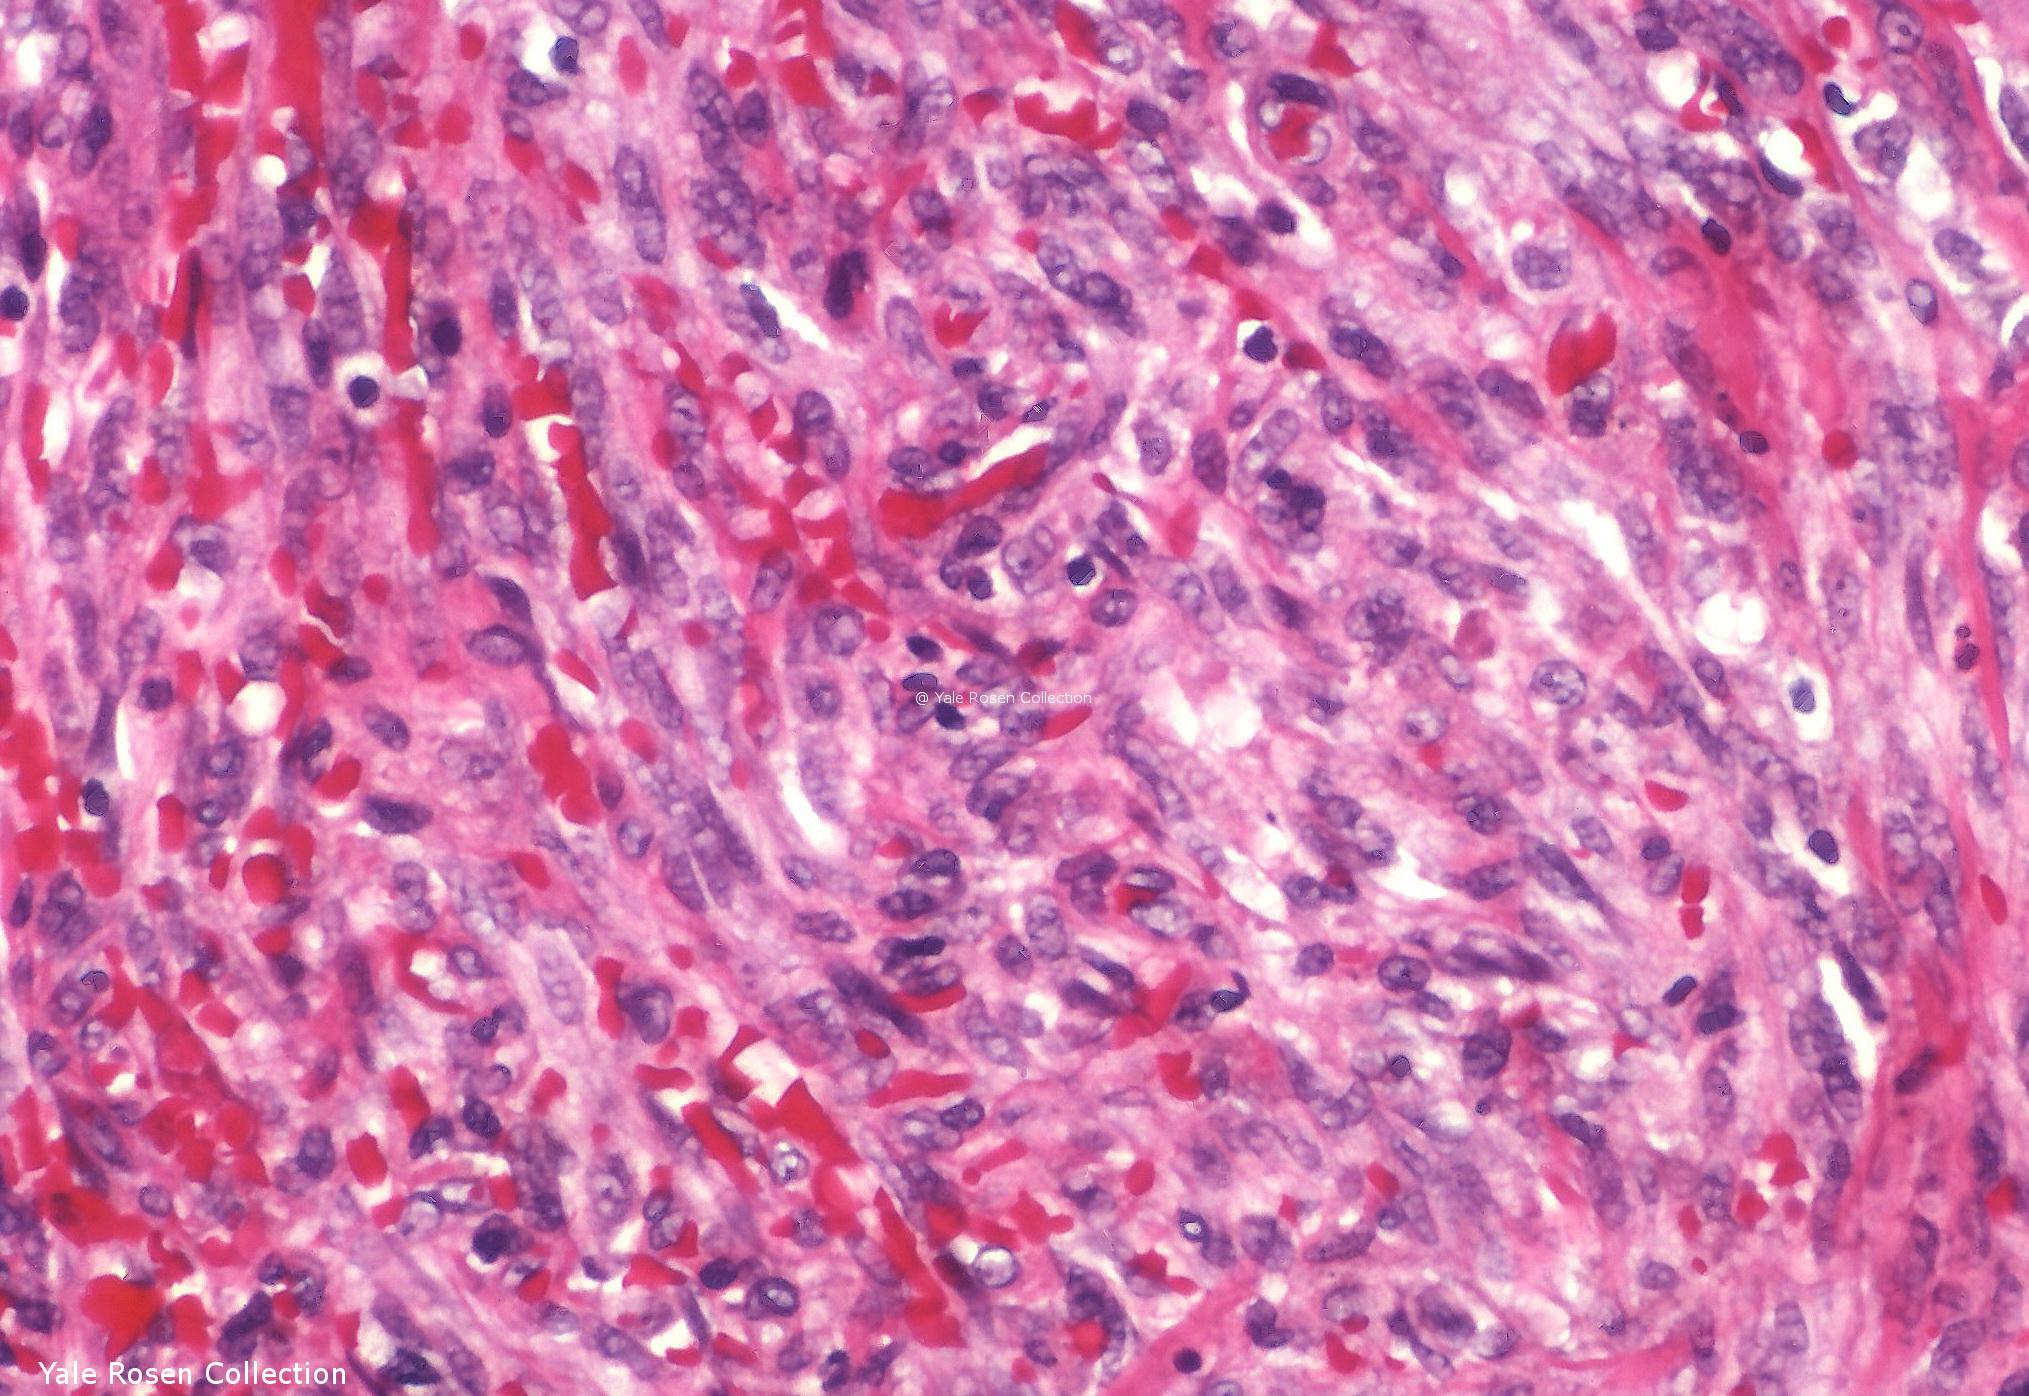 Kaposi sarcoma  Humpathcom  Human pathology